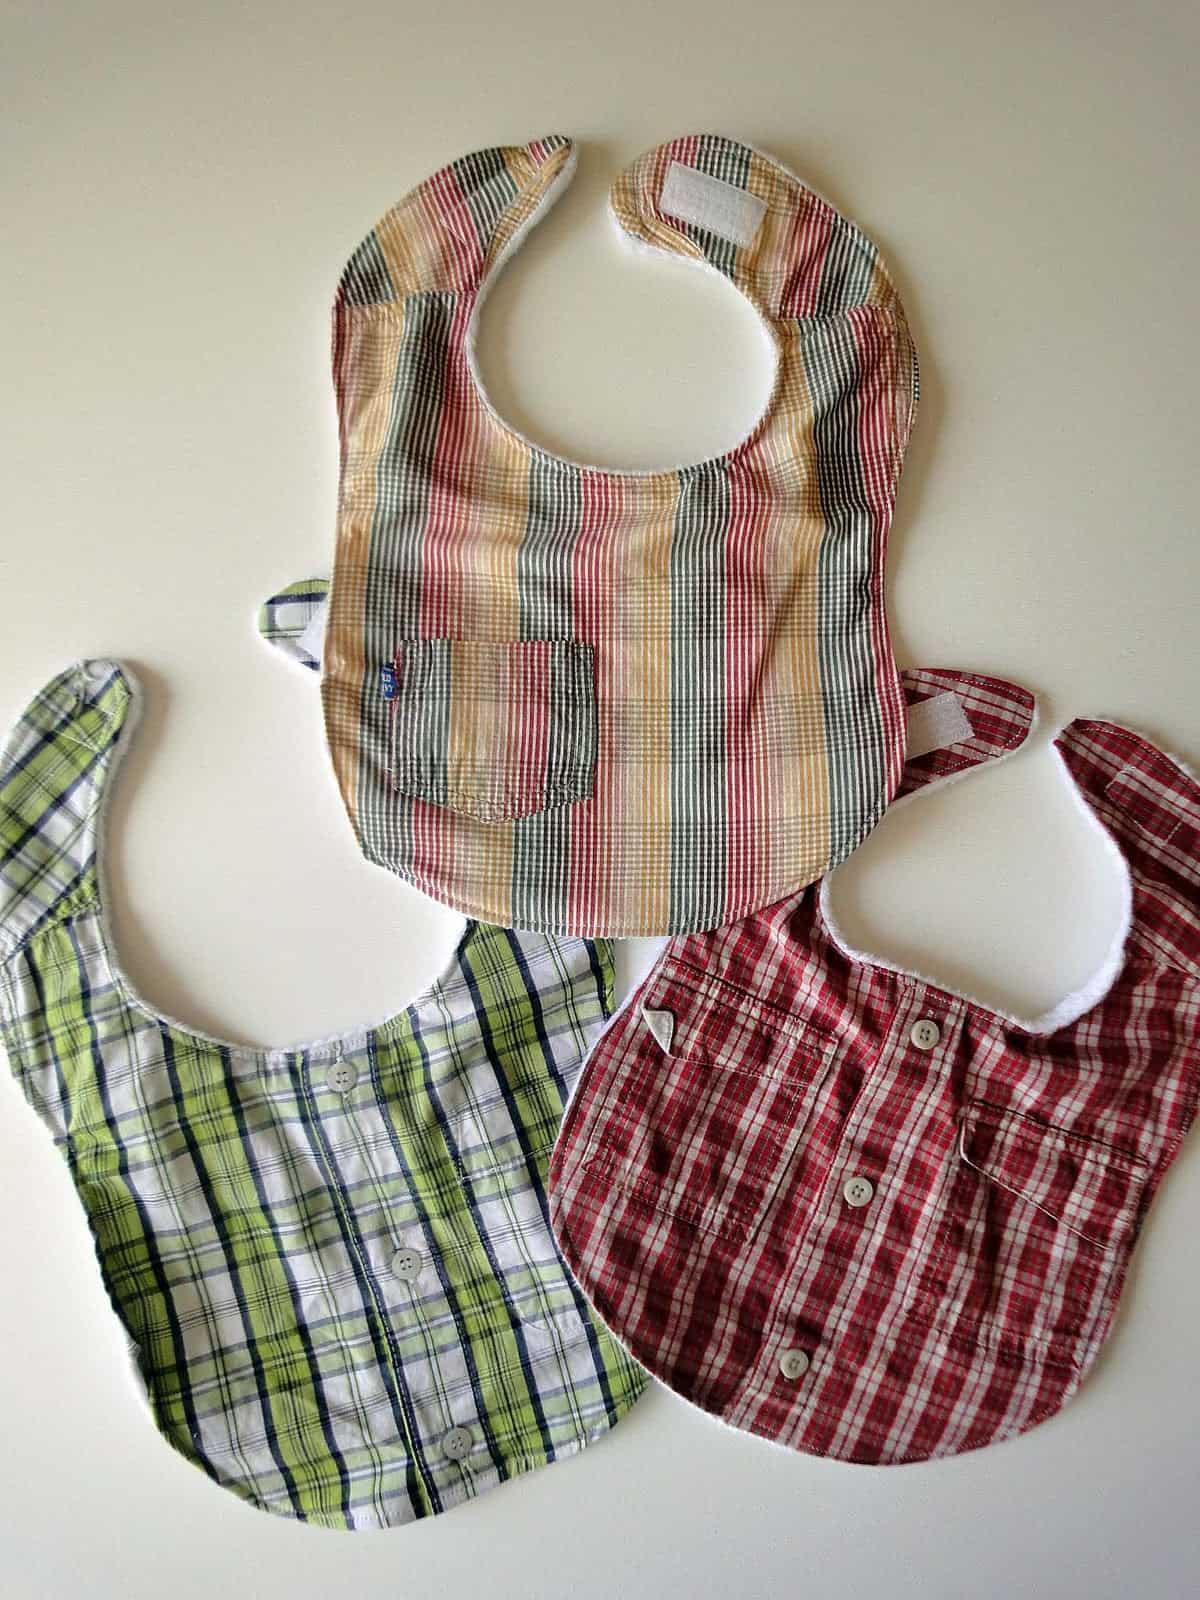 Repurposed shirt bibs